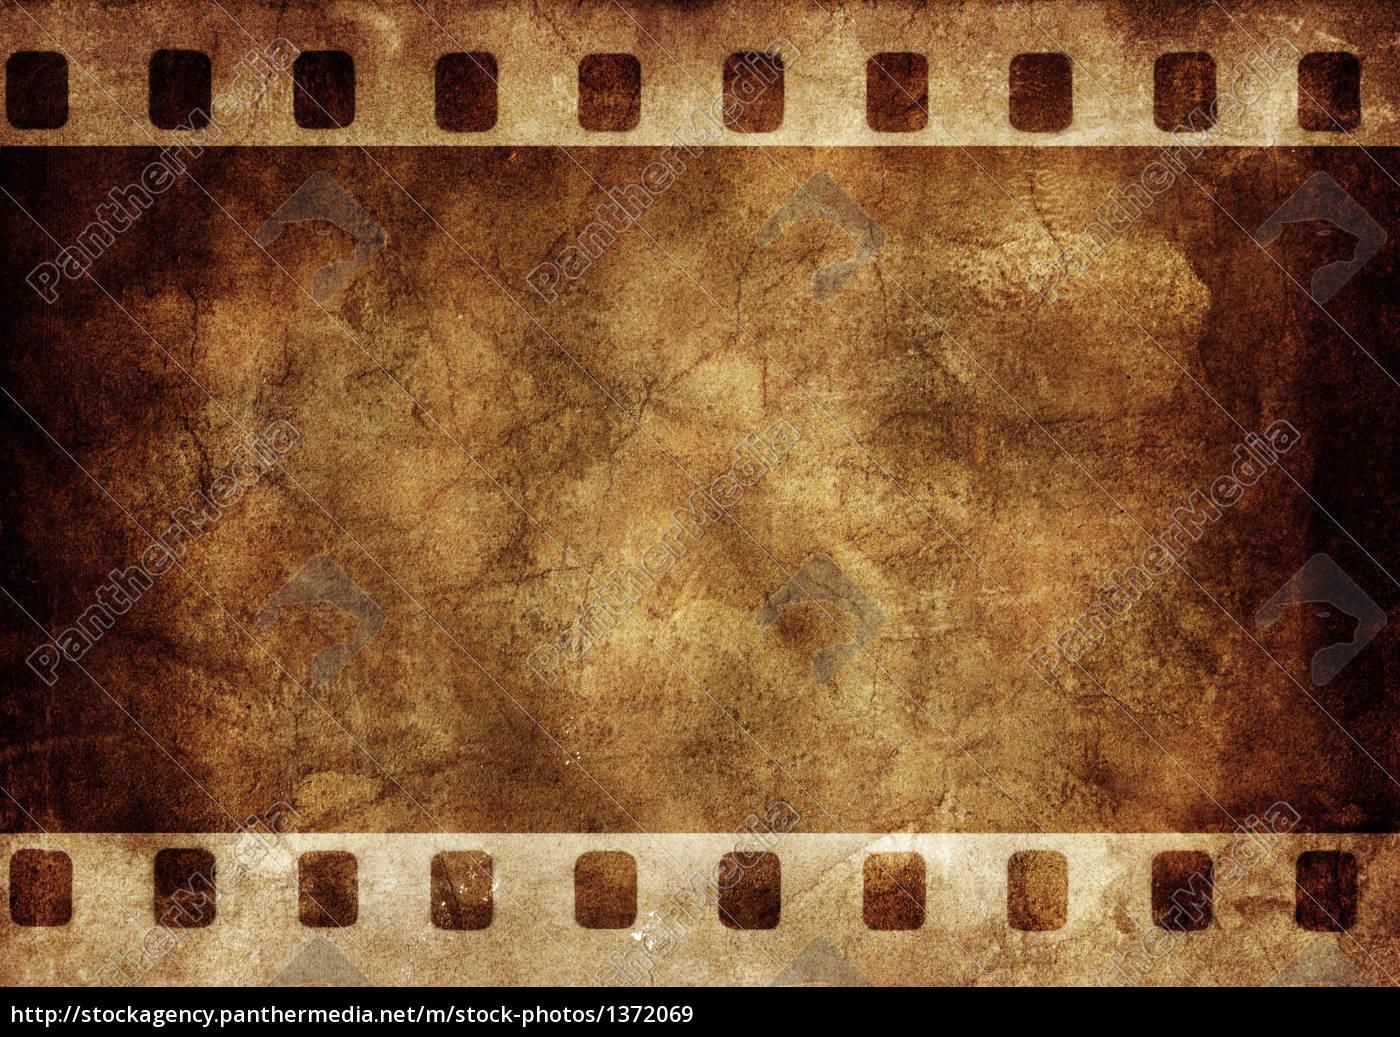 grunge hintergrund fotorahmen - Lizenzfreies Bild - #1372069 ...